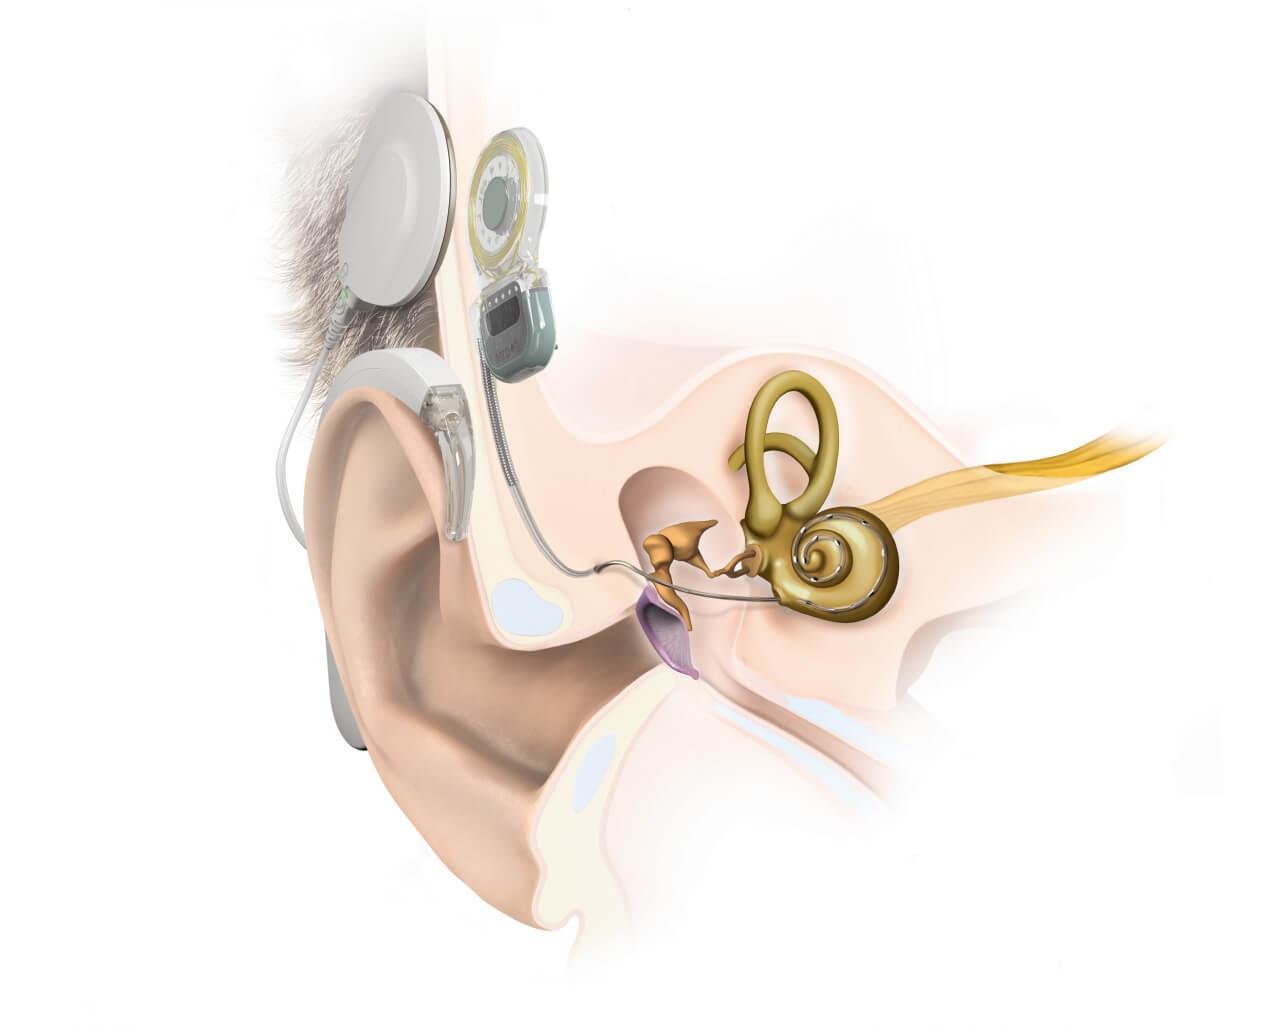 Слуховой аппарат - делаем из того что есть и имеем. - Форум - ESpec 13